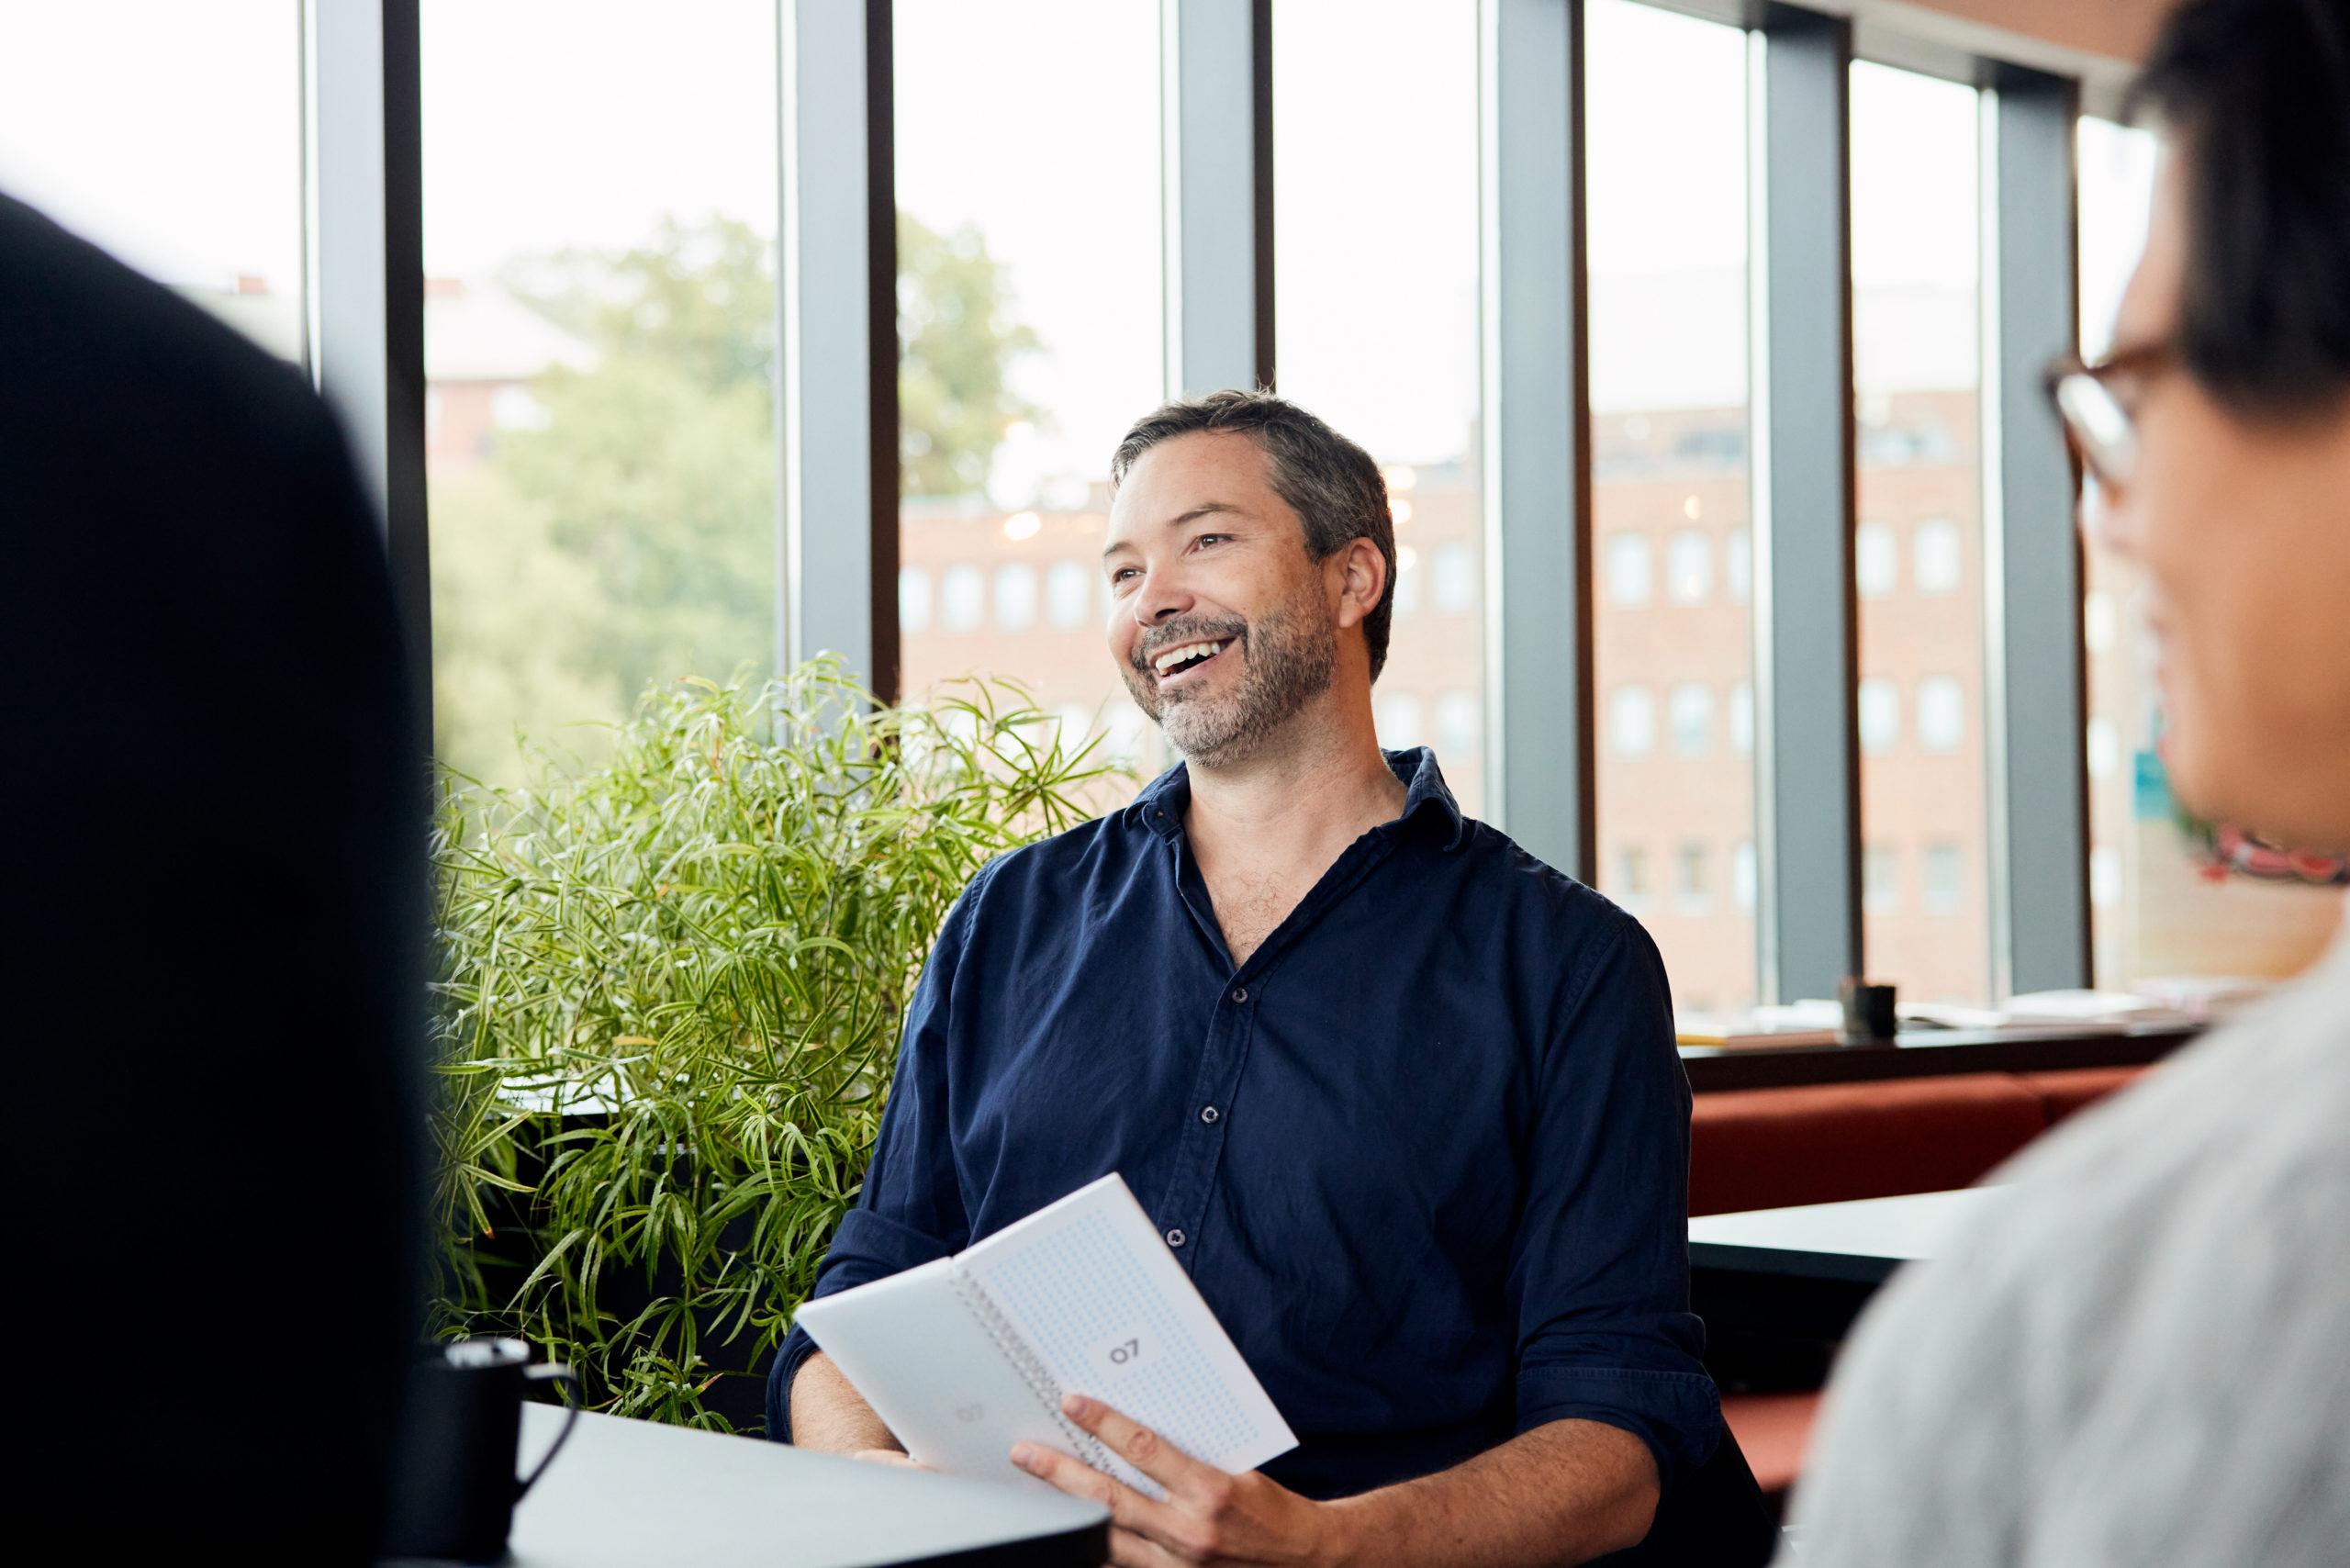 Illustratør i møte med kollegaer inne. Illustrasjonsbilde.